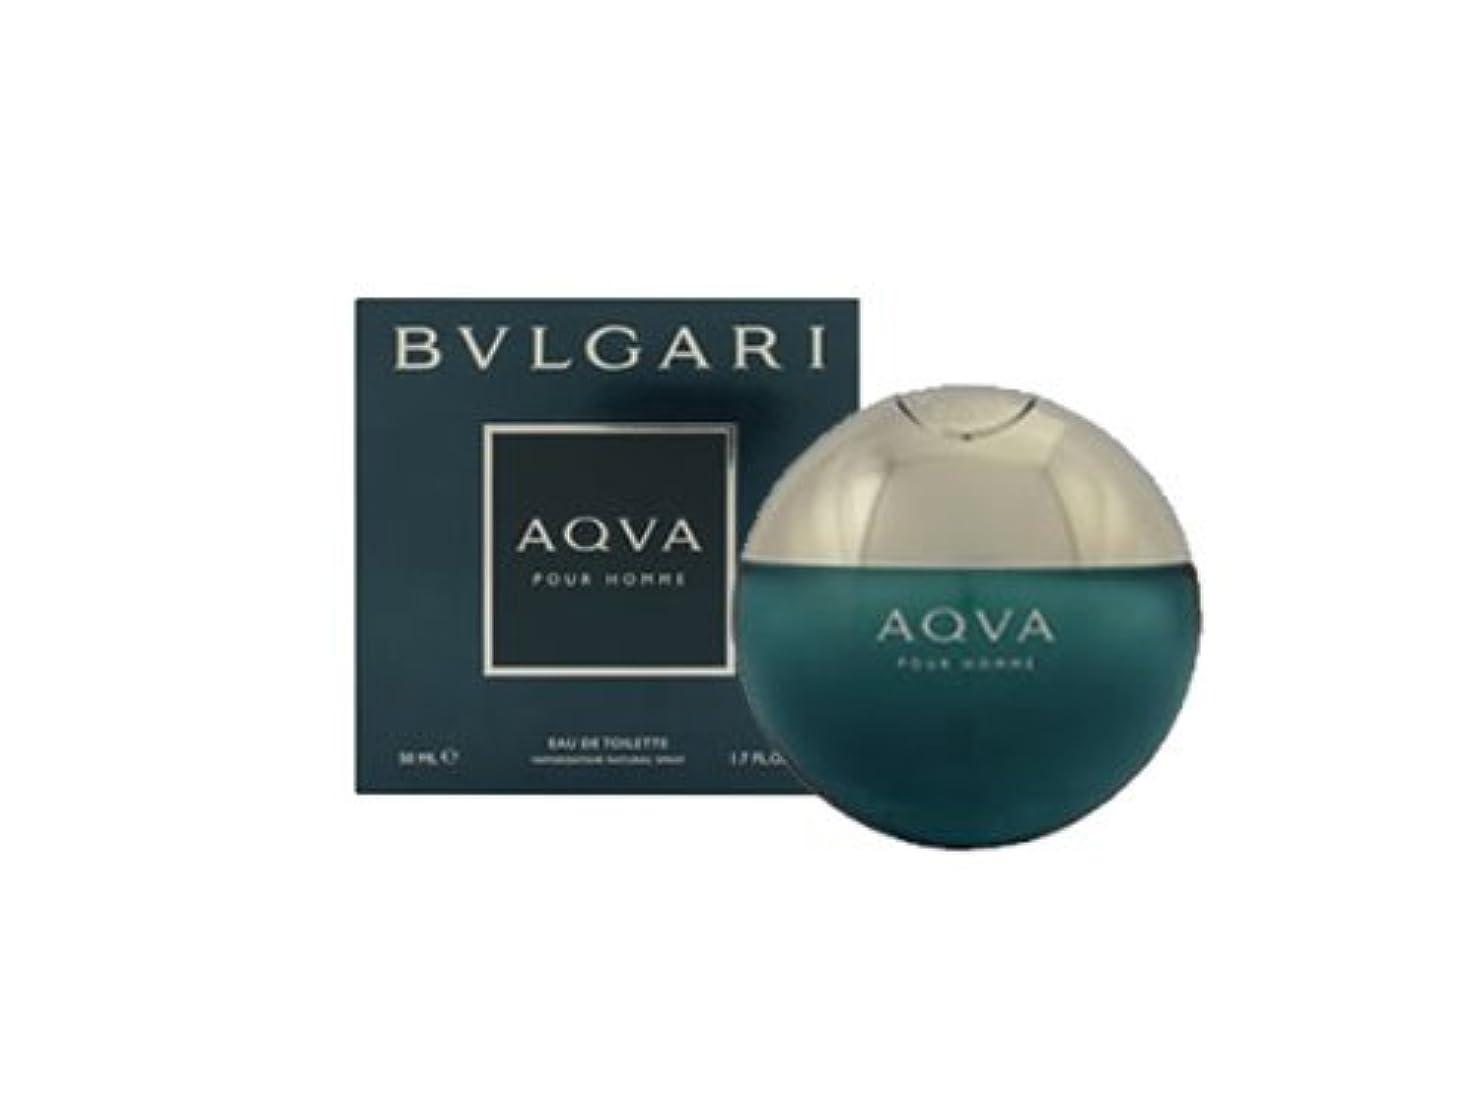 絶えず任命インシュレータブルガリ(BVLGARI) アクア プールオム(50ml)EDT/SP[並行輸入品]